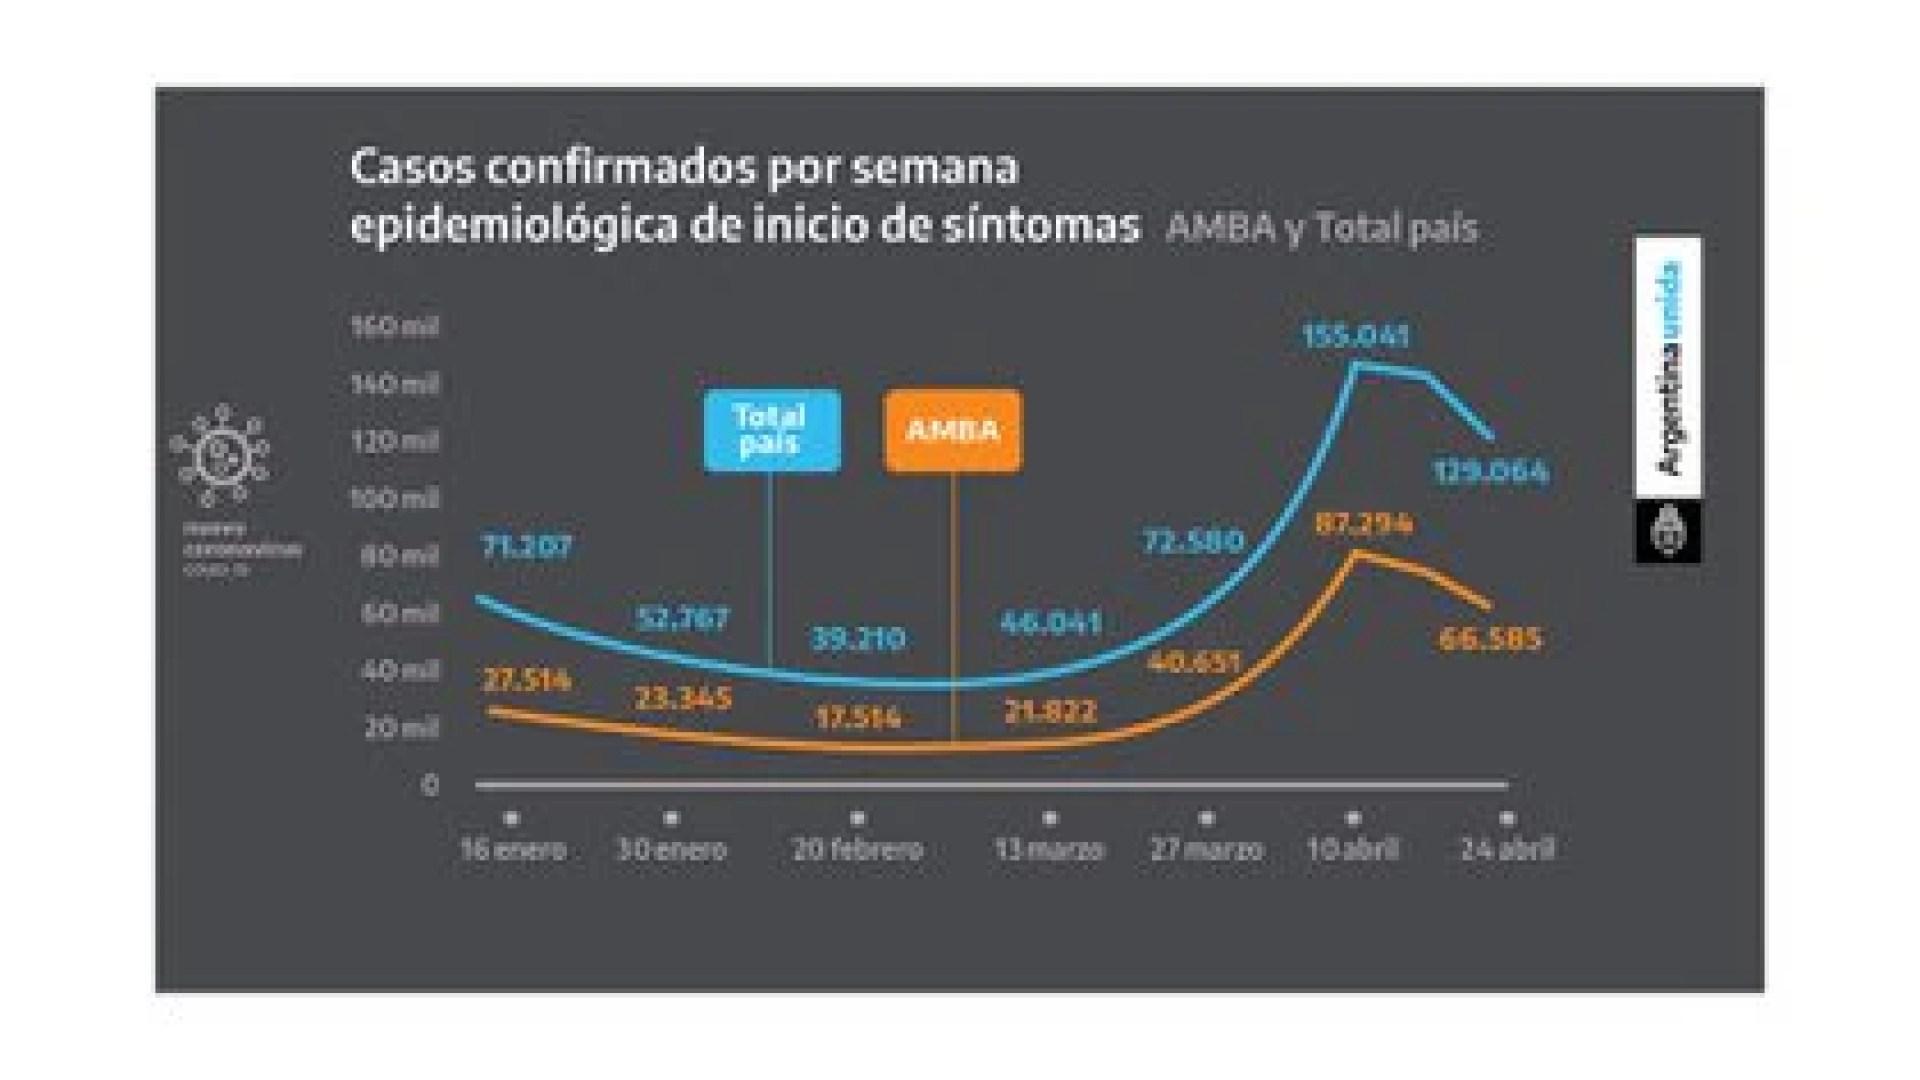 A pesar del aumento de la curva de casos no habrá nuevas restricciones a la producción